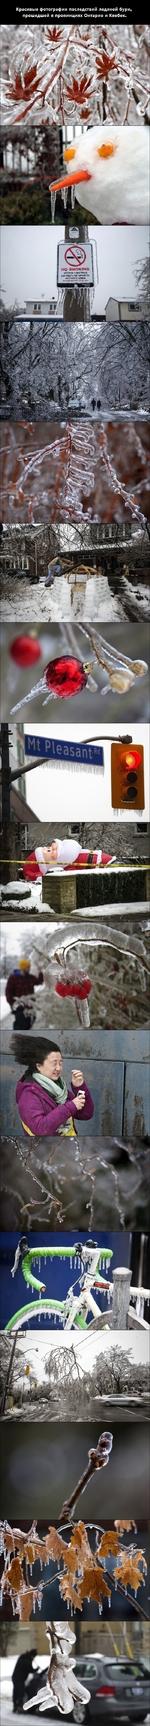 Красивые фотографии последствий ледяной бури, прошедшей в провинциях Онтарио и Квебек. но змошые МГТМт ВМ£ТЙС5 (30 «ЕТ* О* **Ч>ЛГЛ АСТАТУ АЯЕА